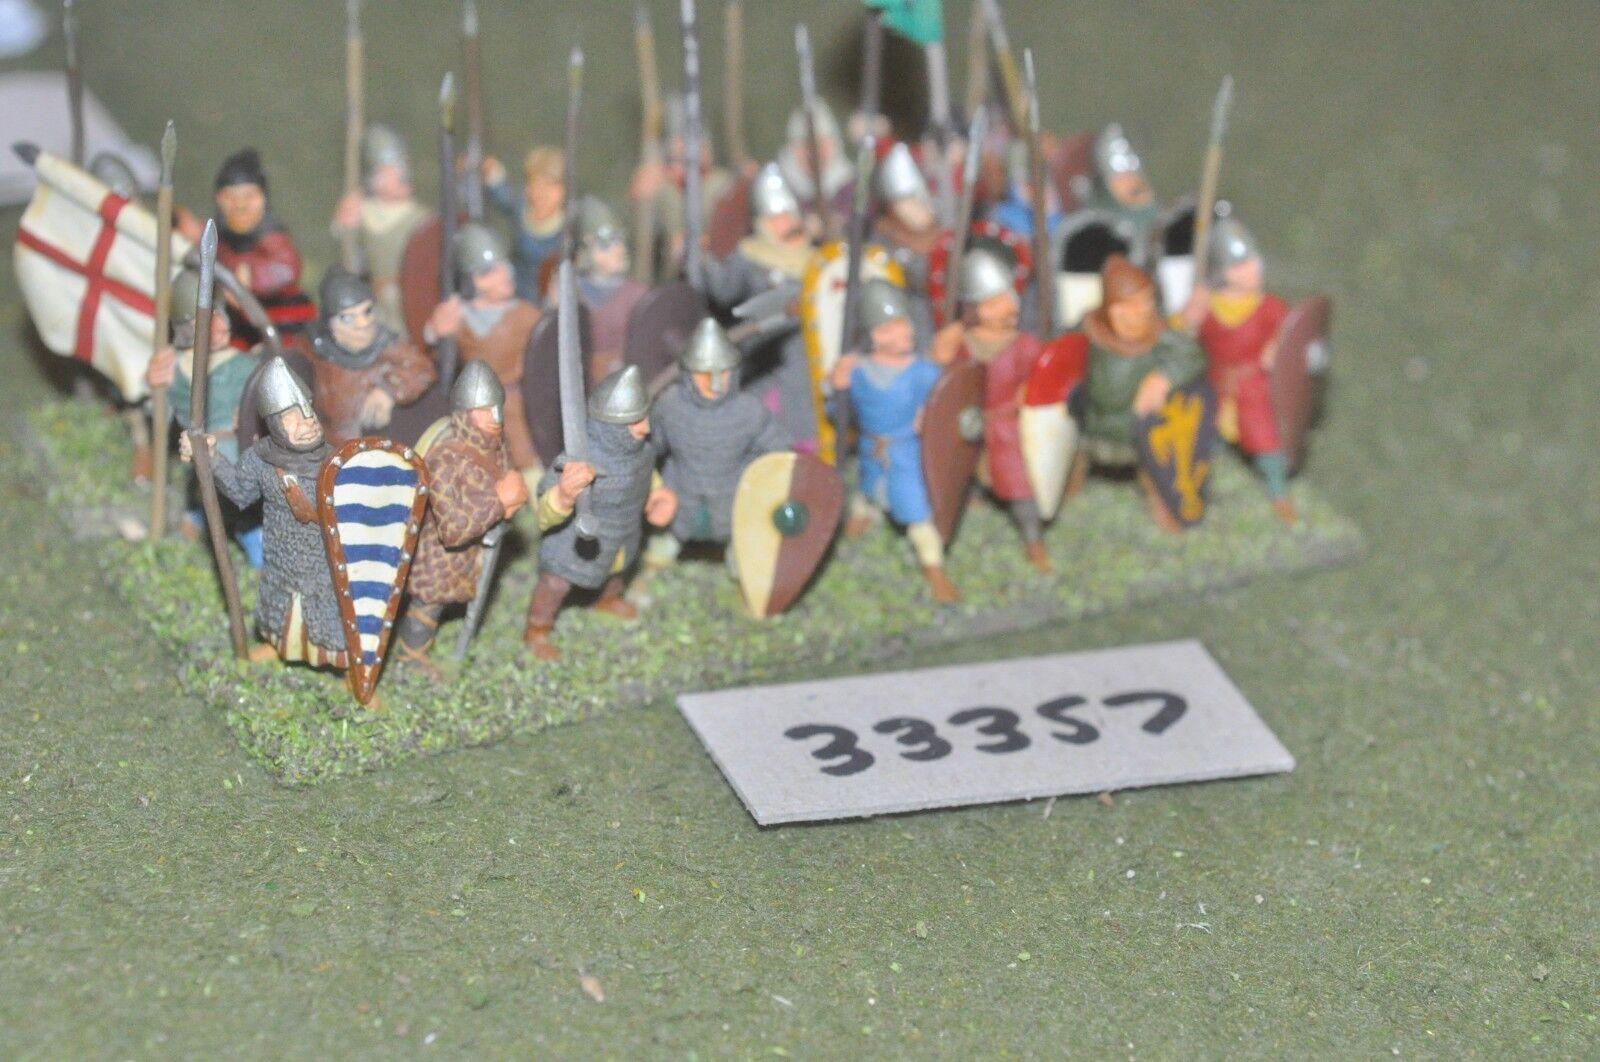 grandes ahorros 25mm 25mm 25mm medieval inglés-Lanceros feudal 24 figuras-INF (33357)  buscando agente de ventas